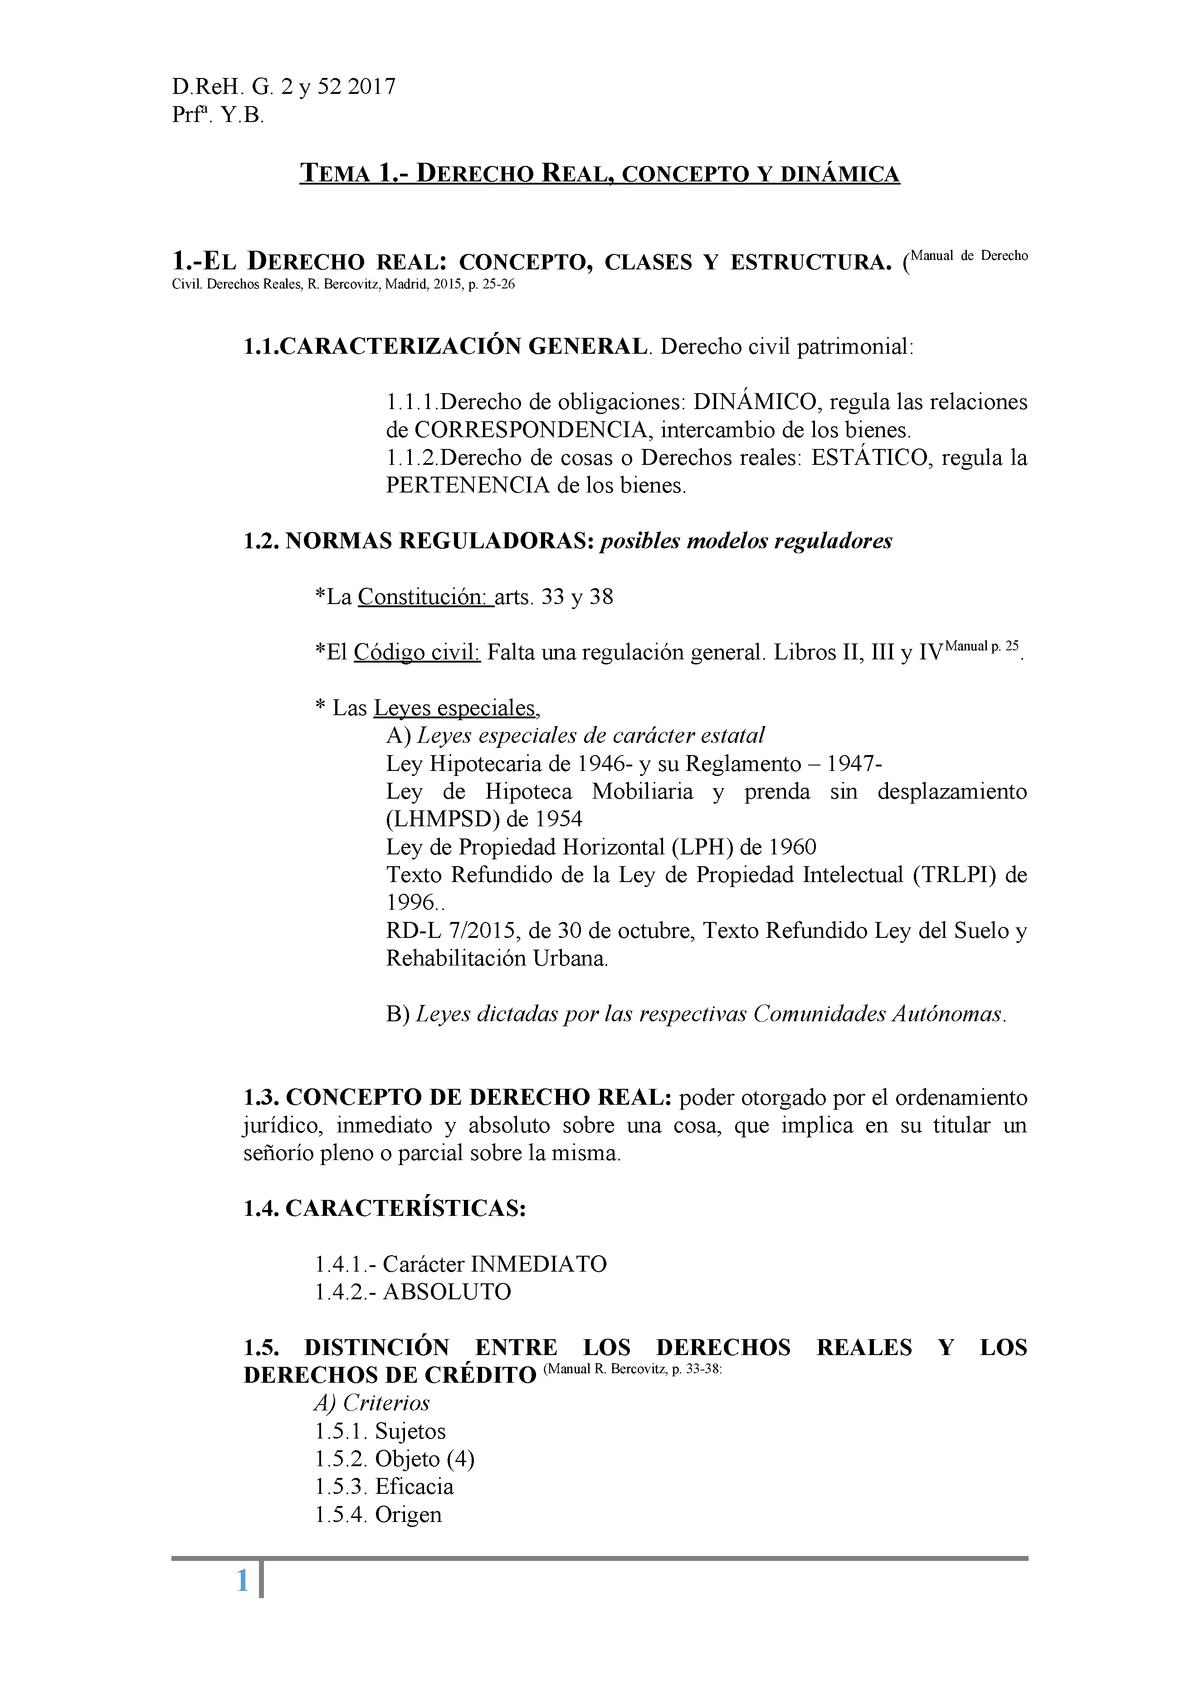 T 1 Esquema 2018 Apuntes 1 19017 Ua Studocu